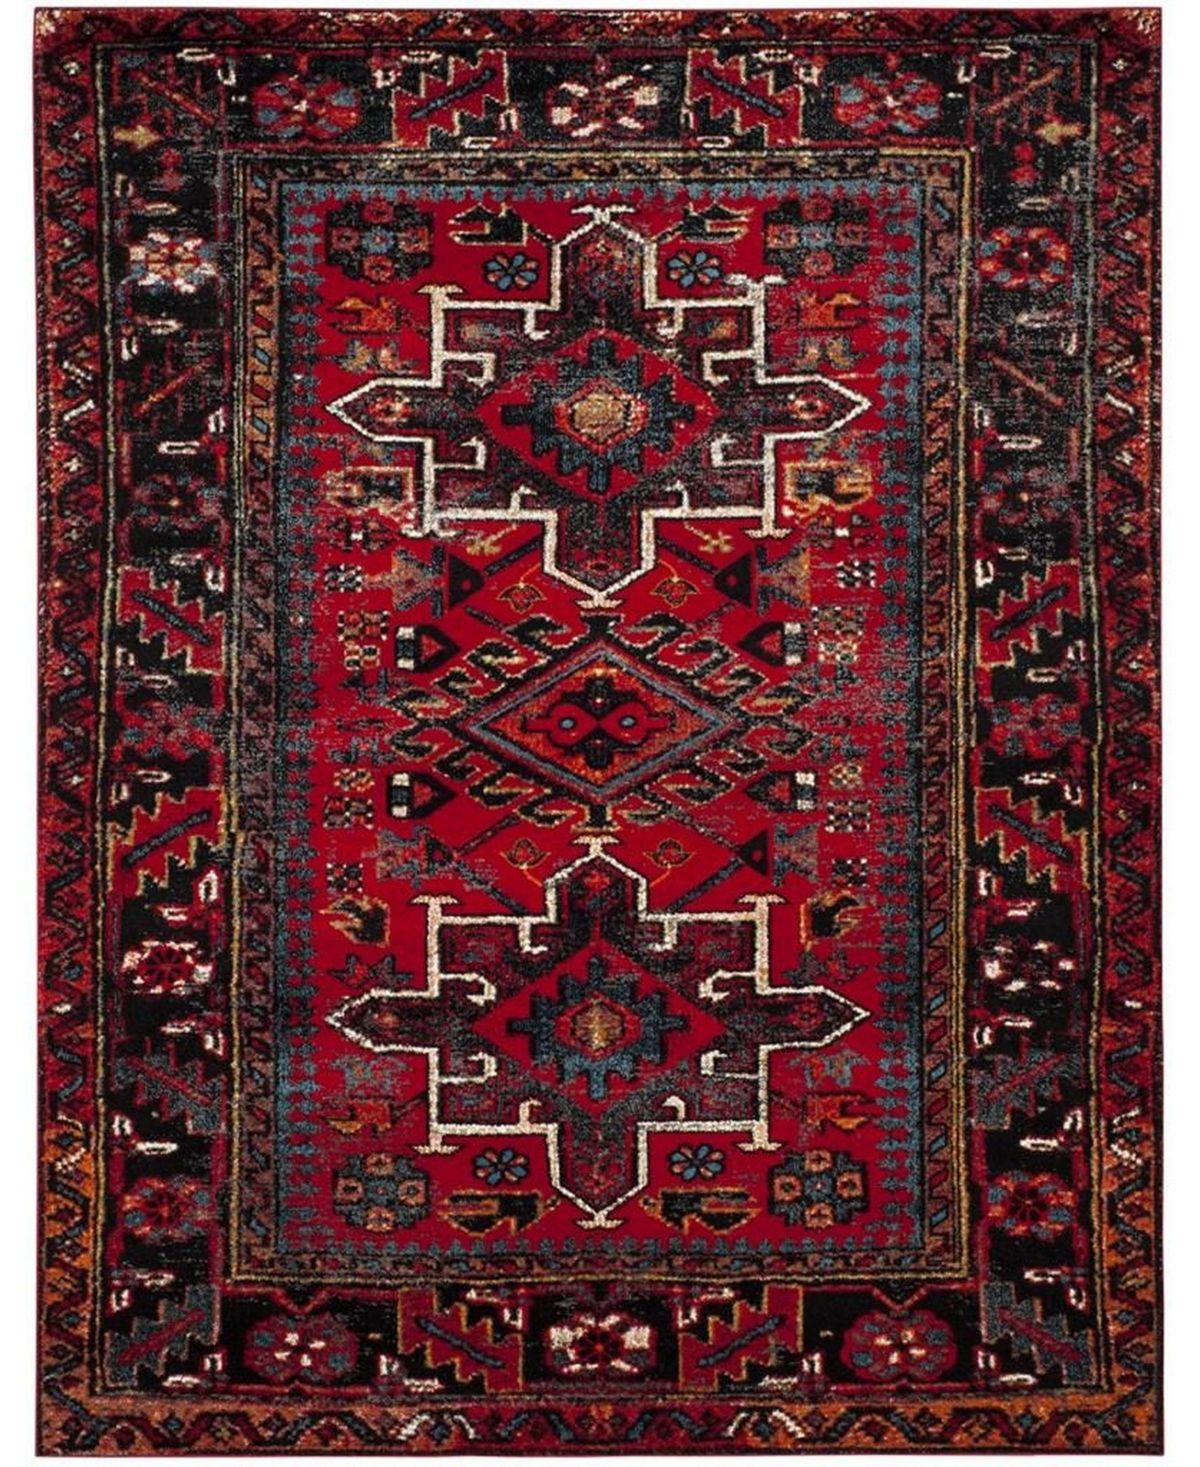 Safavieh Vintage Hamadan Red And Multi 9 X 12 Area Rug Reviews